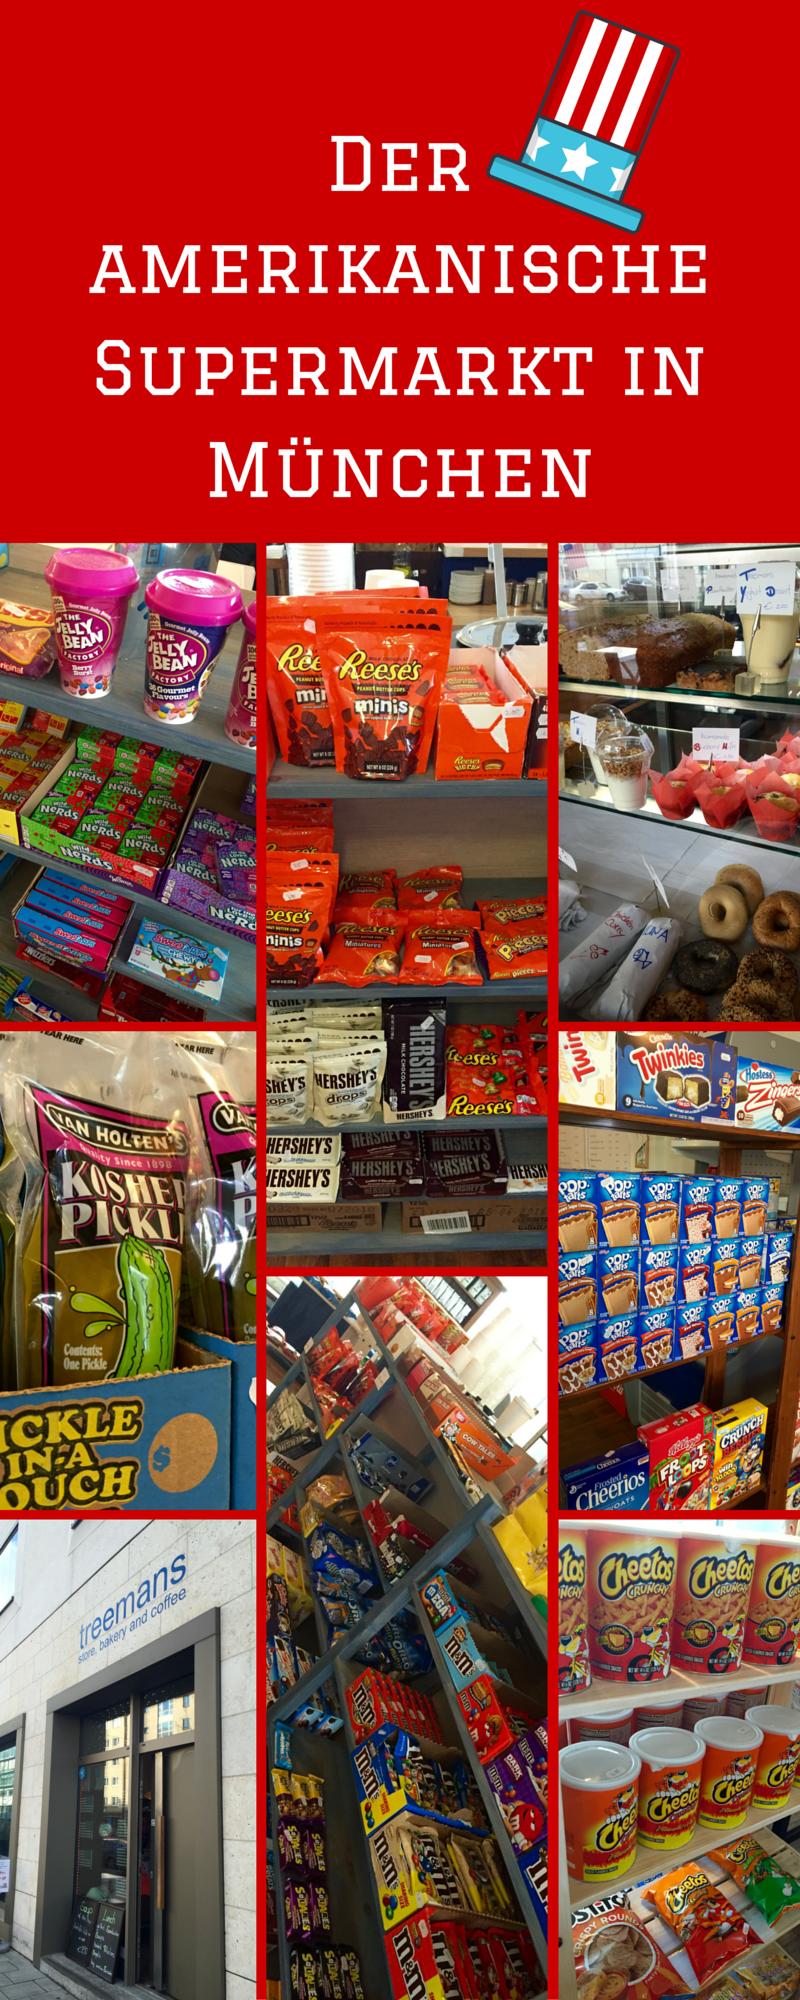 Amerikanische Lebensmittel In Munchen Kaufen American Supermarket